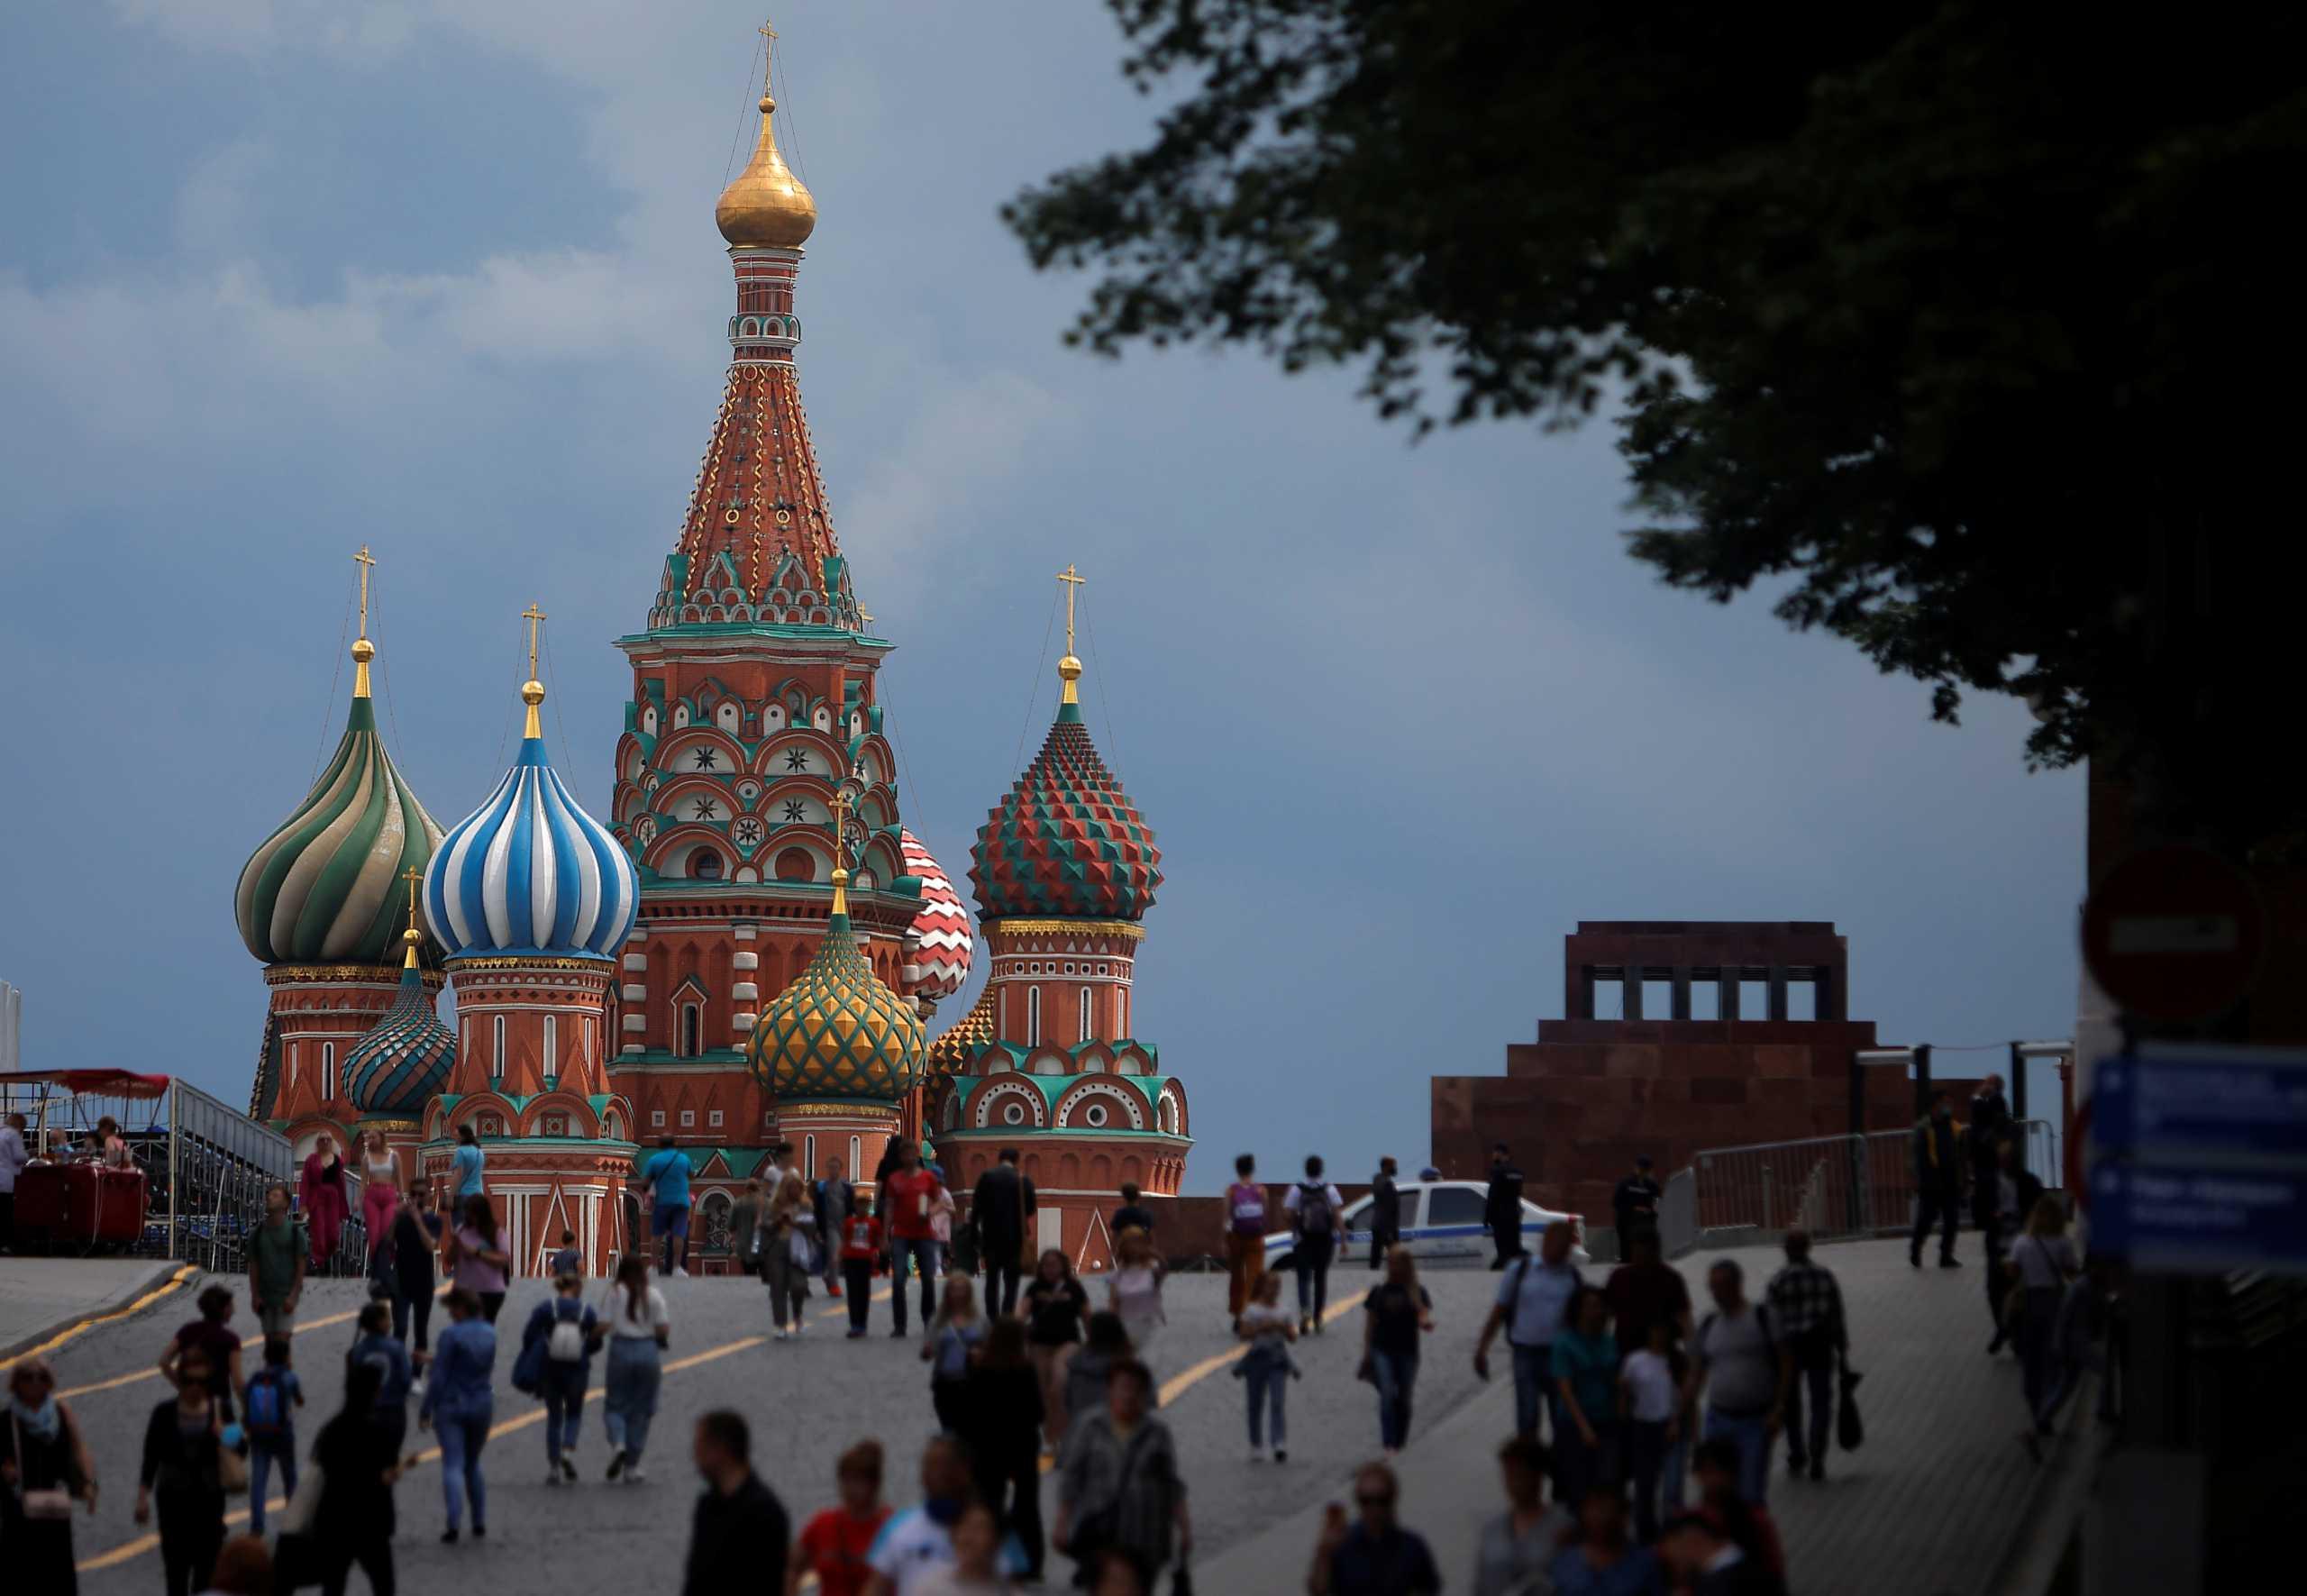 Ρωσία: Εκτόξευση των κρουσμάτων στη Μόσχα